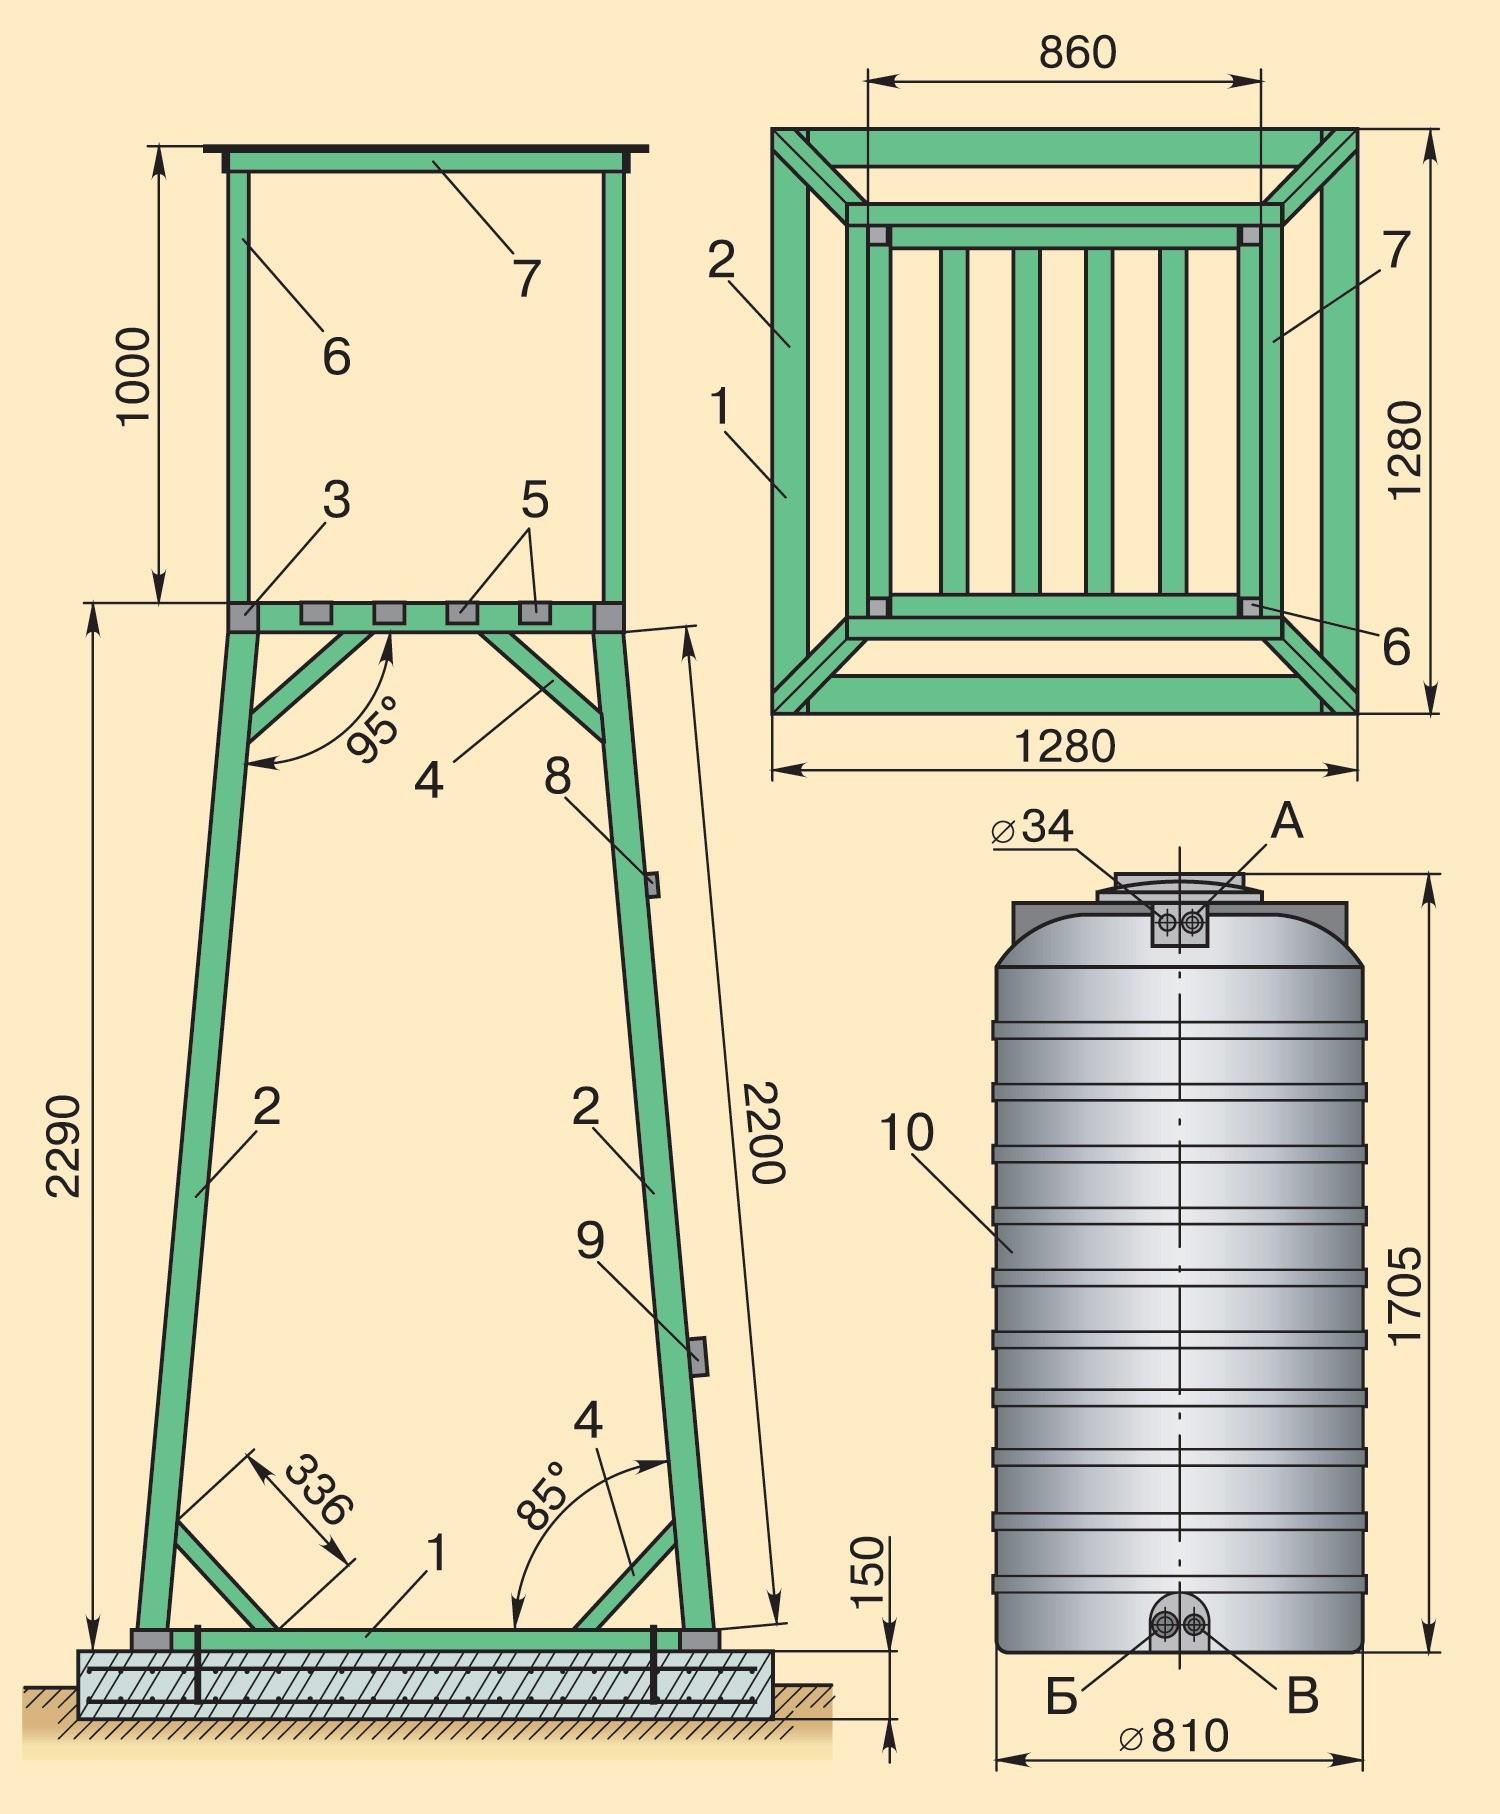 Устройство башни: 1—основание;  2—стойка;  3, 5—элементы площадки;  4—раскос;  6—стойка ограждения;  7—перила ограждения;  8, 9—деревянные поперечины;  10—бак для...